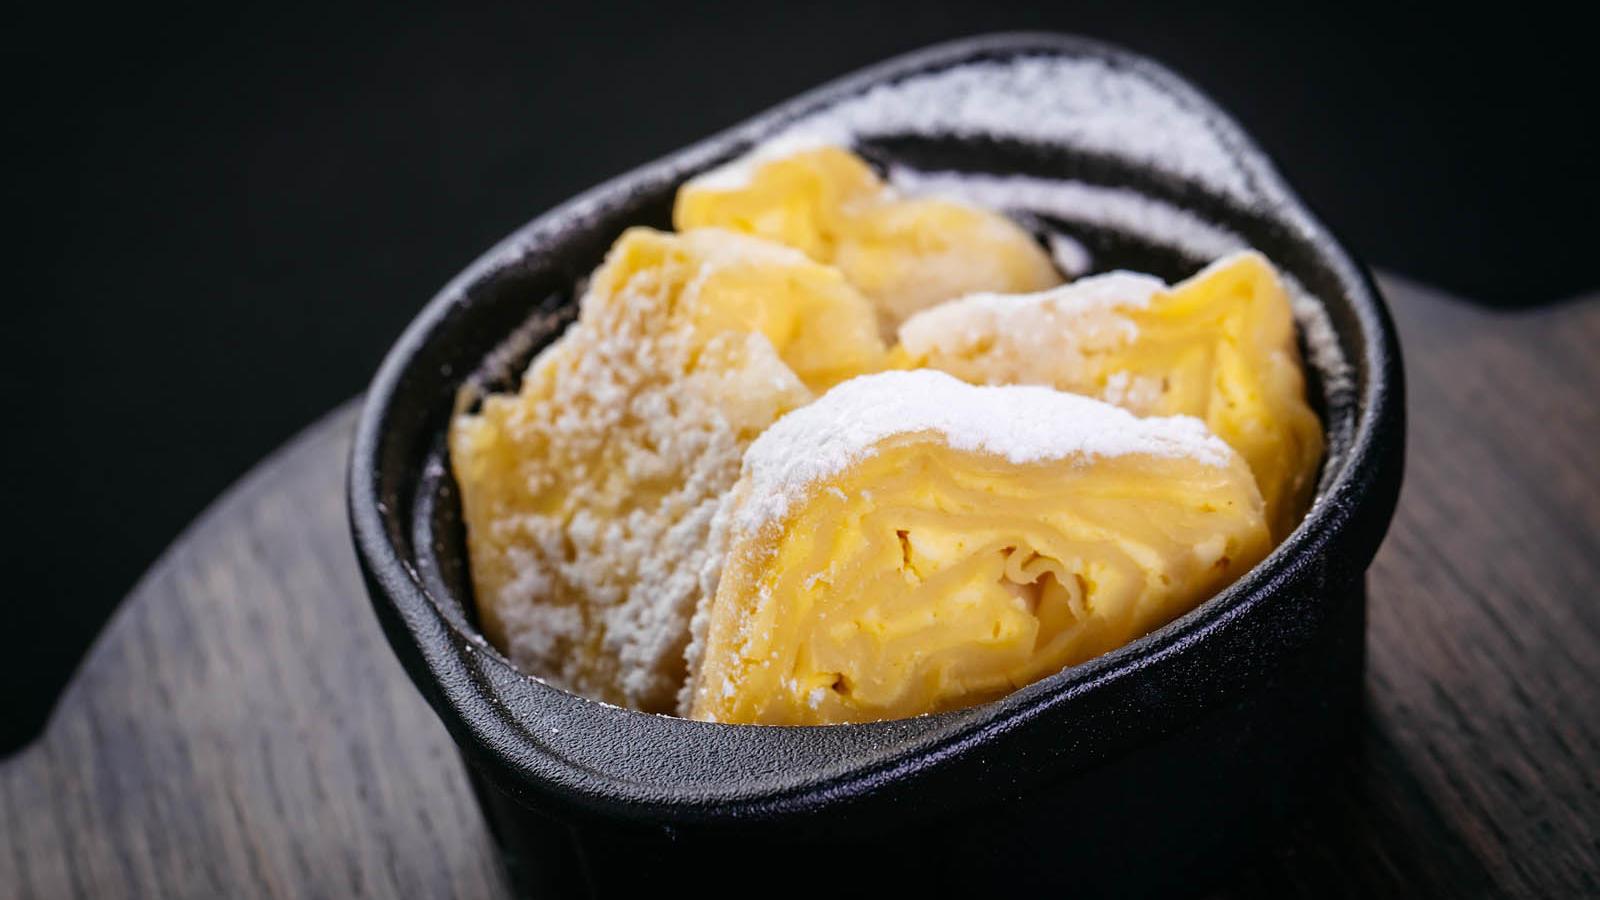 L Bistro & Bar dessert